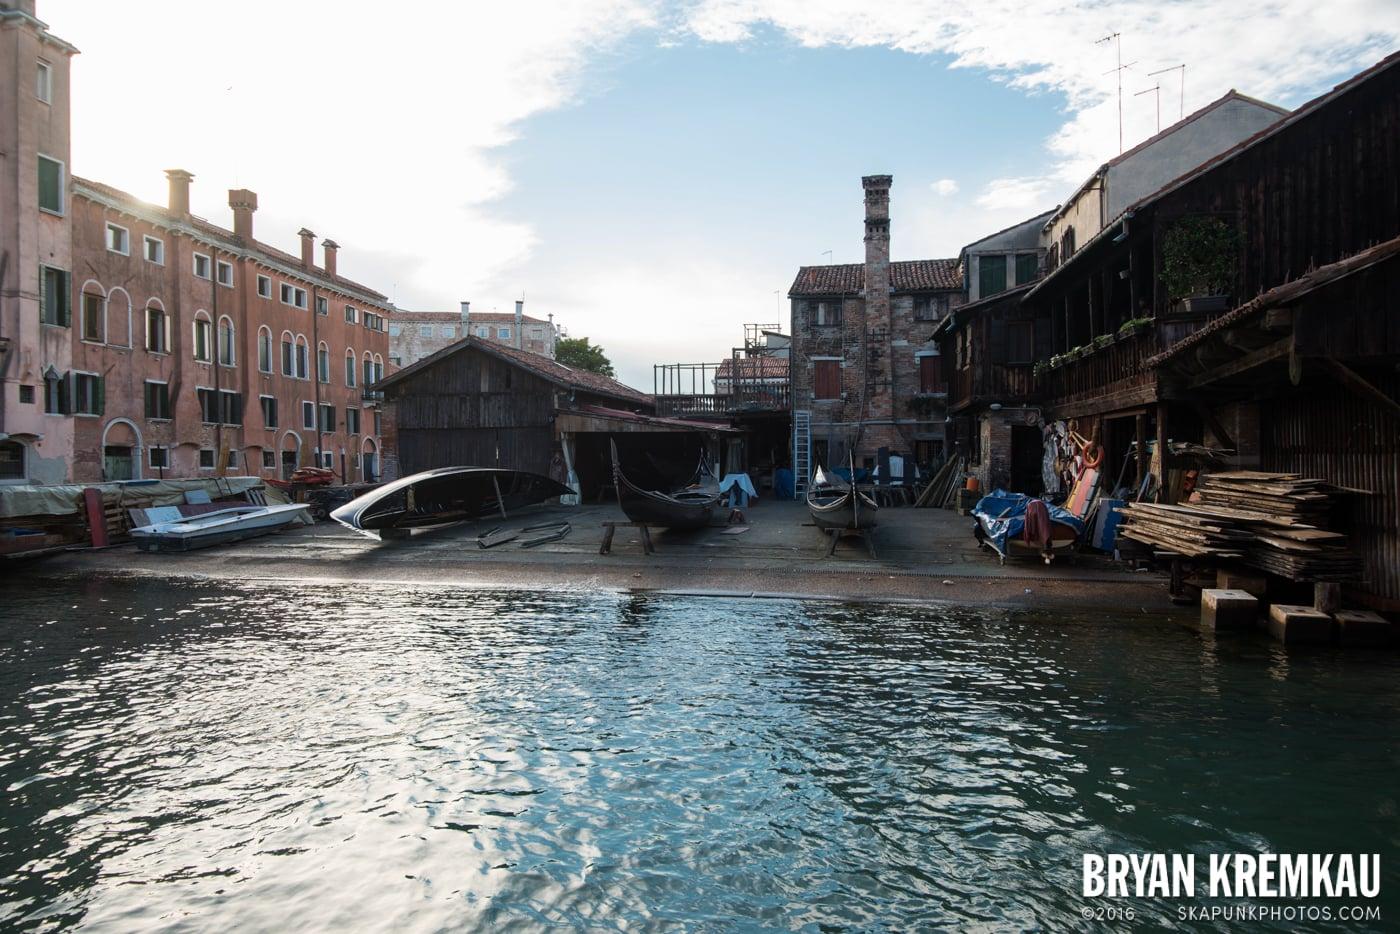 Italy Vacation - Day 4: Venice - 9.12.13 (21)